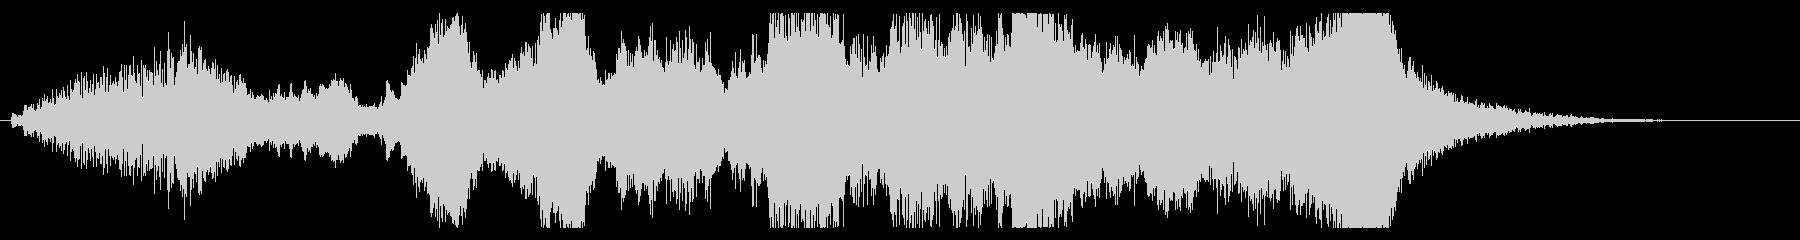 壮大な祝典風ファンファーレの未再生の波形